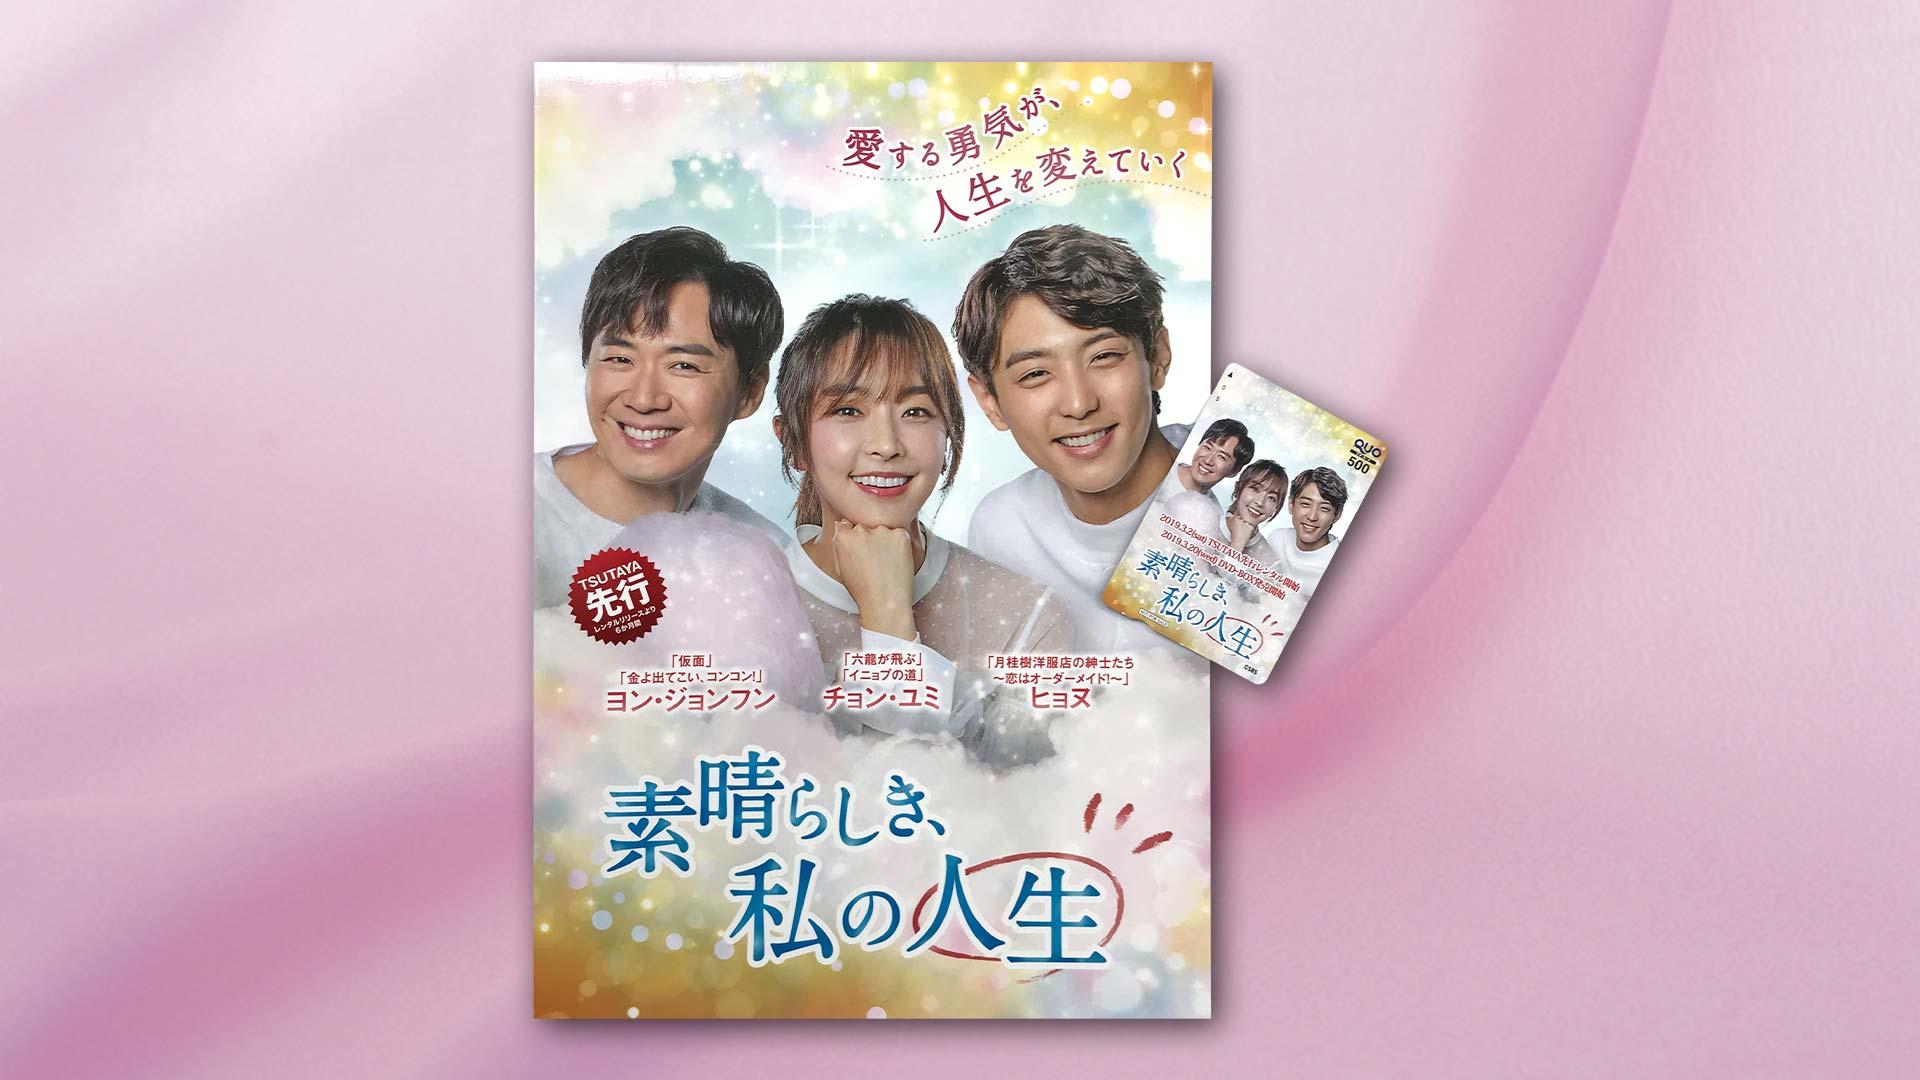 「素晴らしき、私の人生」日本版プレスシート&QUOカード セット